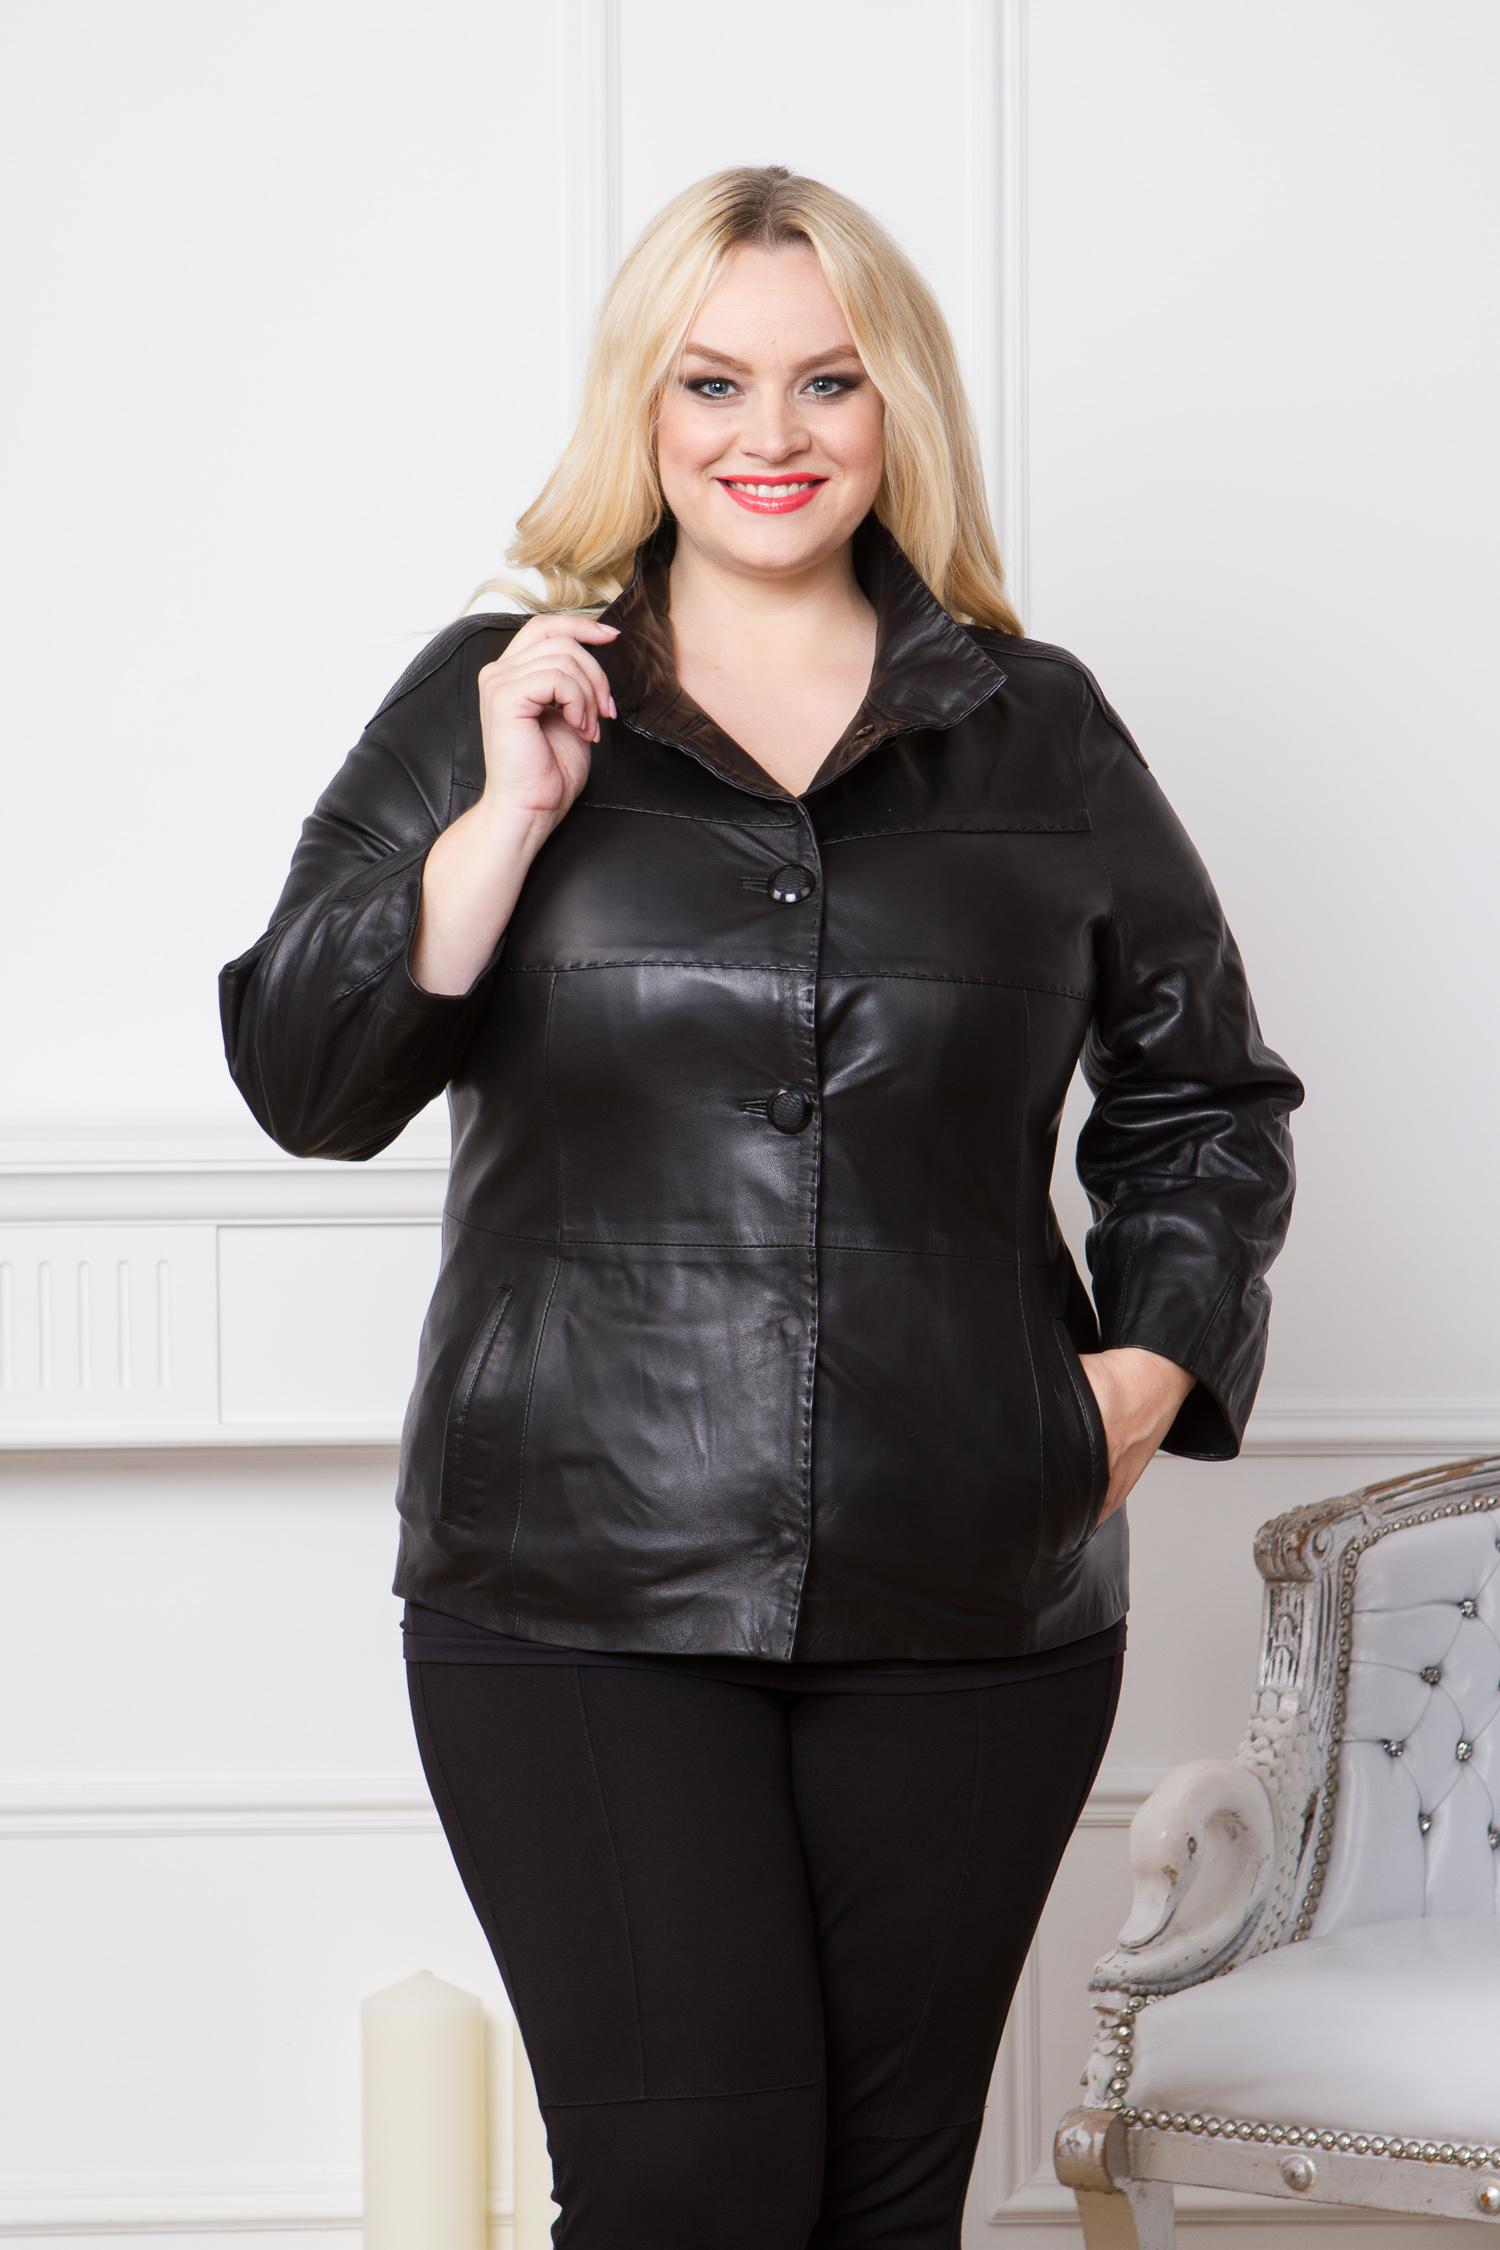 Женская кожаная куртка из натуральной кожи с воротником, без отделкиЦвет - оникс (черный).<br><br>Элегантная классика никогда не выйдет из моды. Кожаная куртка пиджачного типа - это маст-хэв для поклонниц повседневного или офисного стиля. Модель выполнена из мягкой кожи ягненка. Благодаря качественному натуральному материалу, куртка не будет деформироваться. Хорошая форма продержится несколько сезонов.<br><br>Модель застегивается на пуговицы и кнопки. Дополняет изделие воротник-стойка и боковые карманы.<br><br>Материал: Кожа овчина<br>Воротник: стойка<br>Длина см: Короткая (51-74 )<br>Цвет: черный<br>Вид застежки: центральная<br>Застежка: на пуговицы<br>Пол: Женский<br>Размер RU: 50